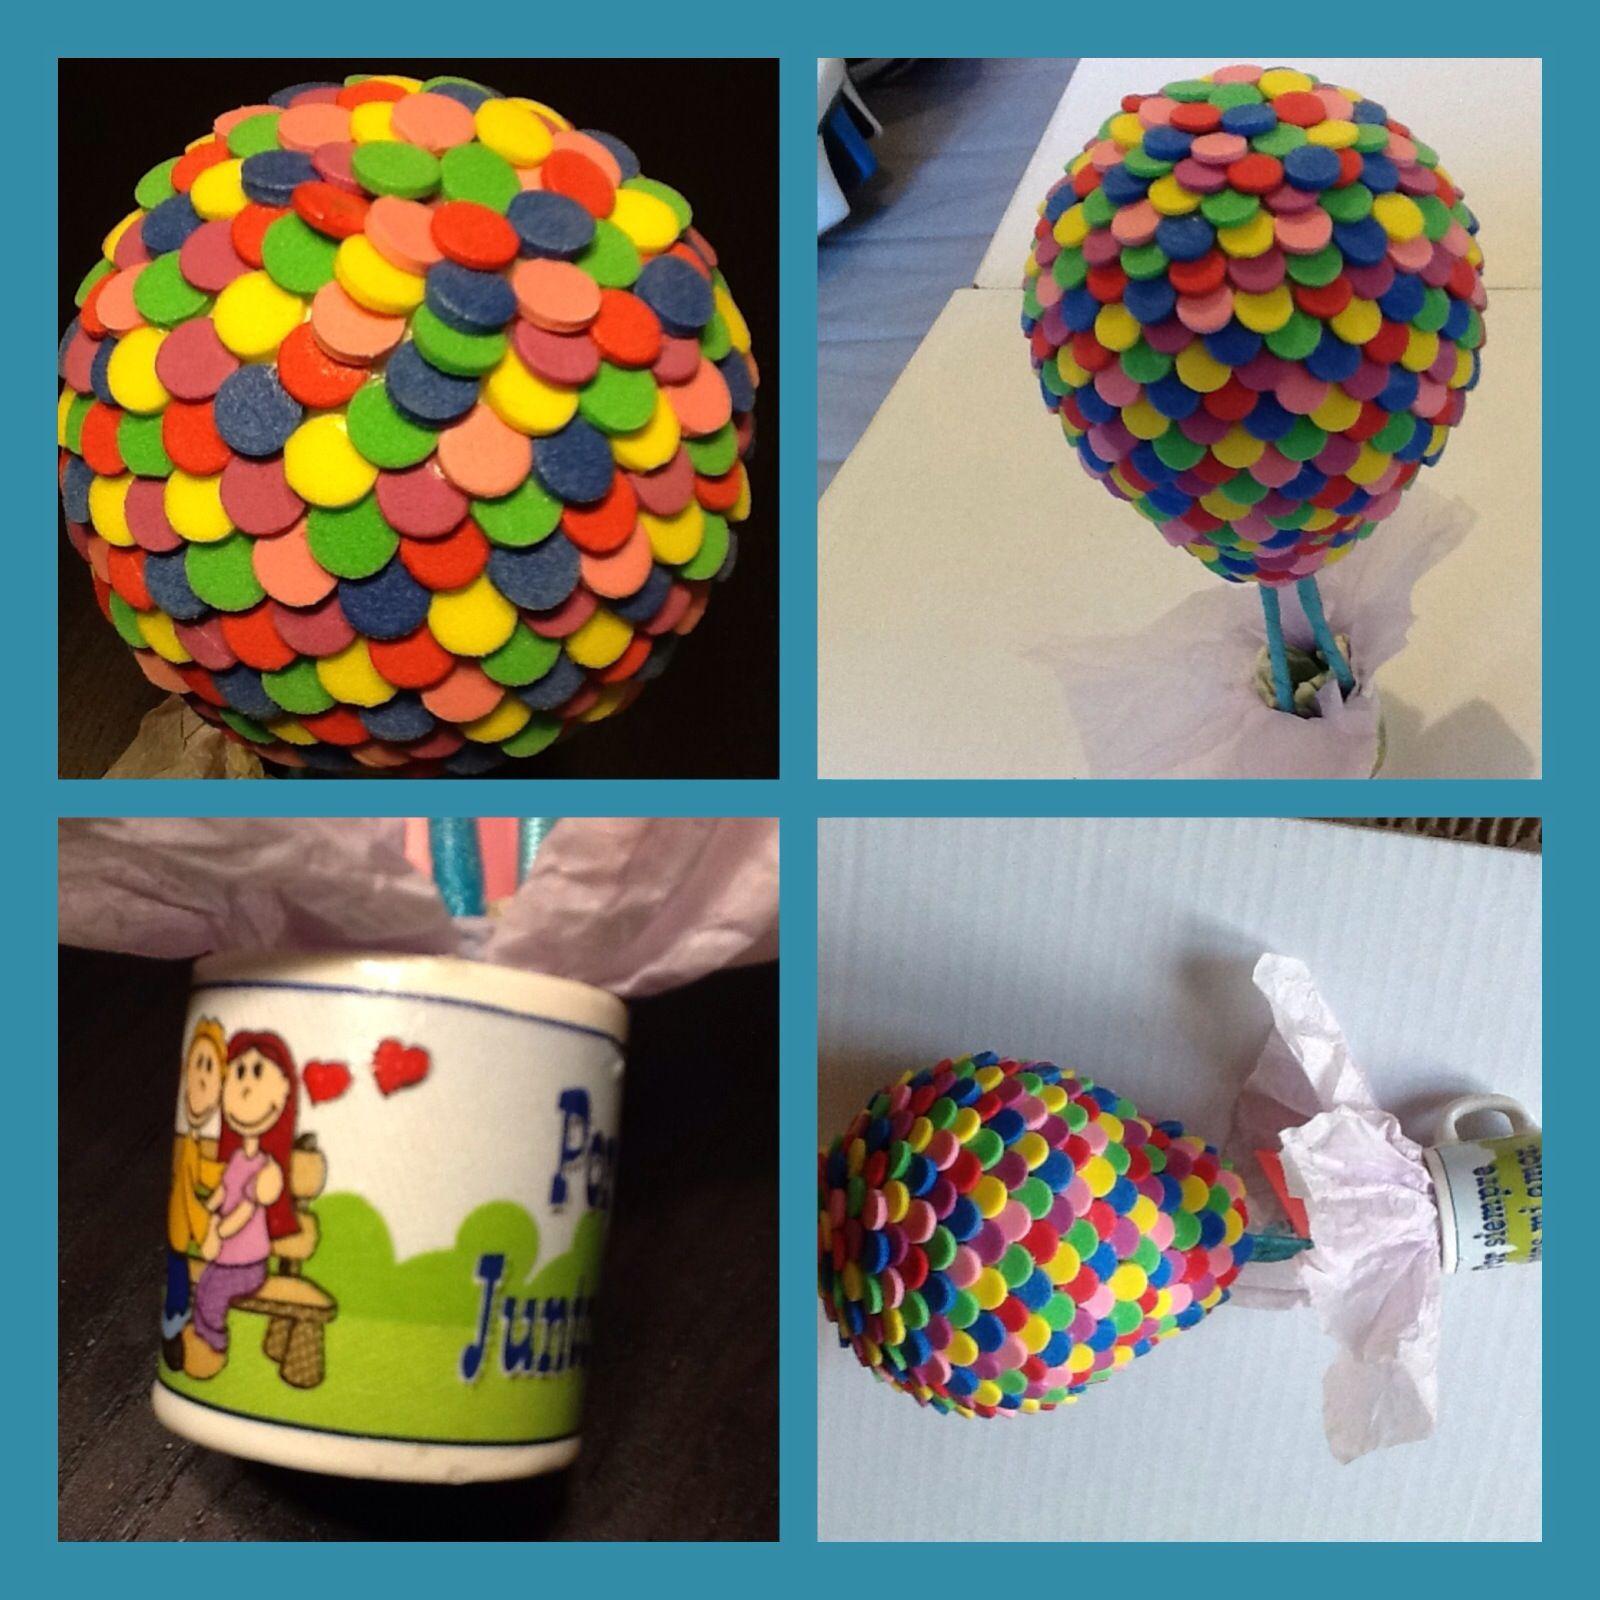 Diy globo hecho de foami como el de la pel cula de up de - Regalos de san valentin para el ...